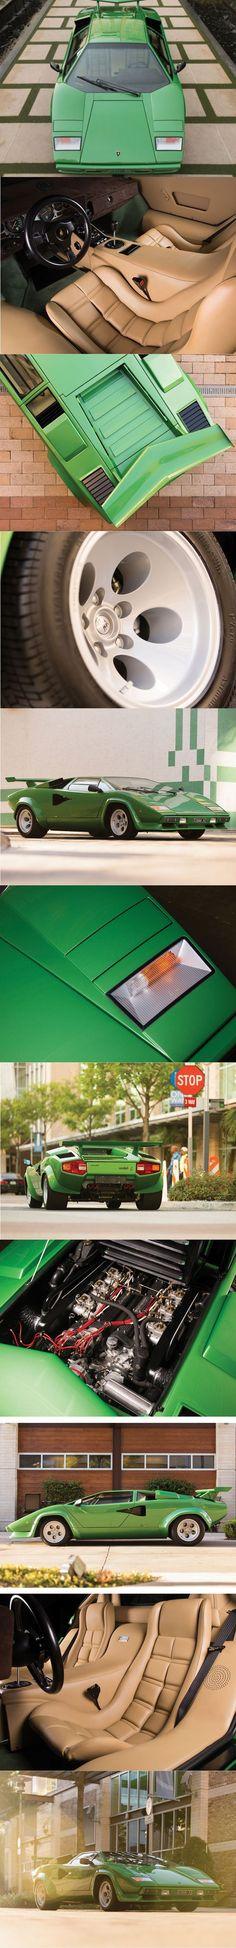 1978 Lamborghini Countach LP400 S / Italy / green / 350 hp / 82 manufactured / www.autovisie.nl / Bertone Marcello Gandini #lamborghinivintagecars